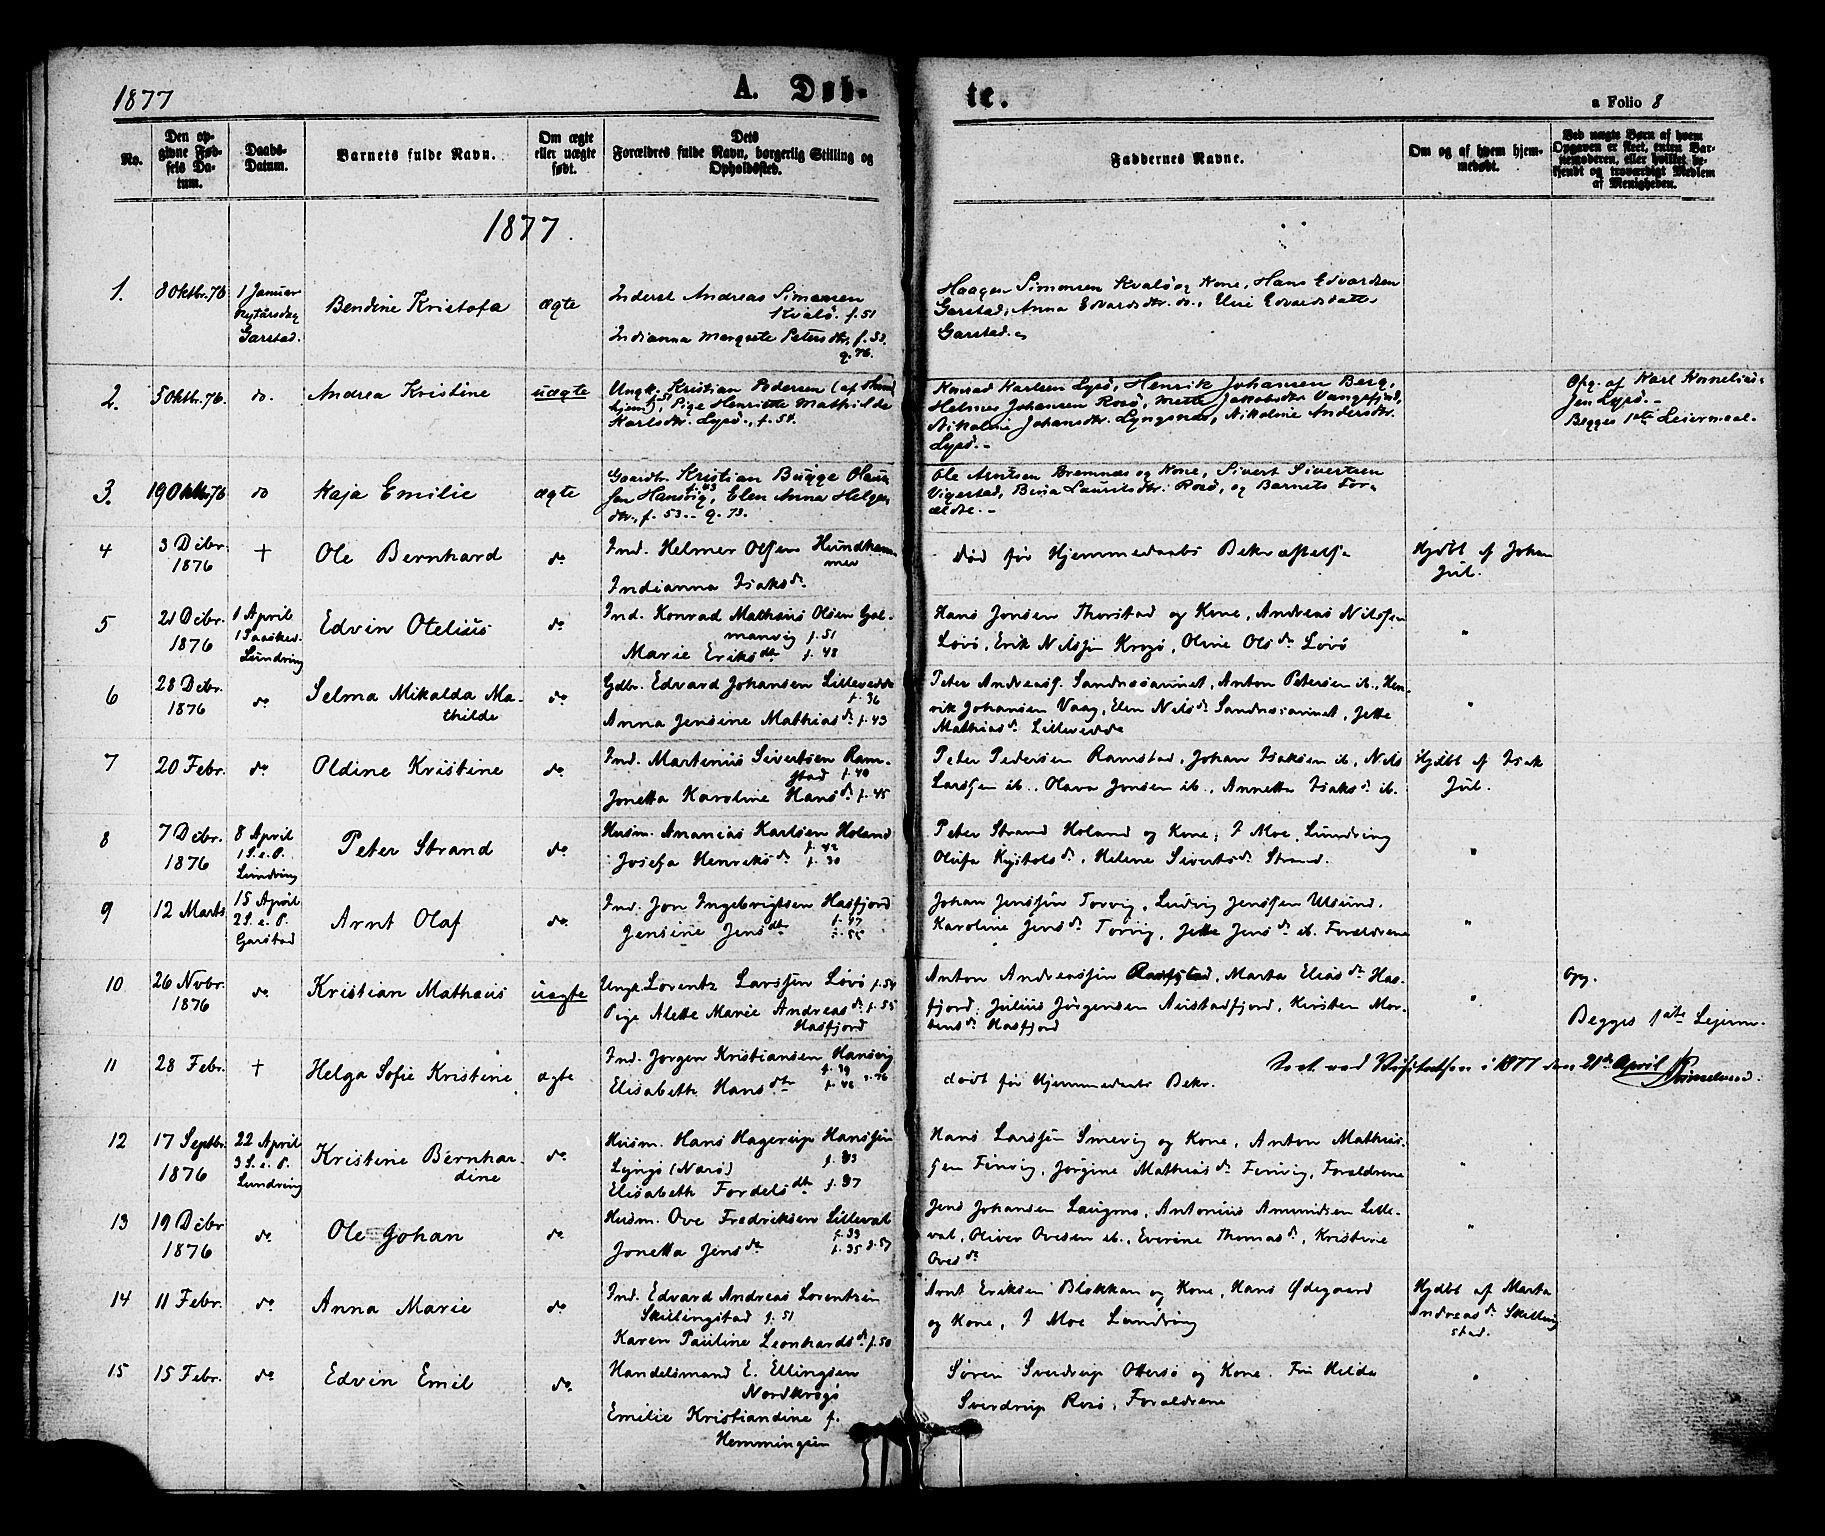 SAT, Ministerialprotokoller, klokkerbøker og fødselsregistre - Nord-Trøndelag, 784/L0671: Ministerialbok nr. 784A06, 1876-1879, s. 8